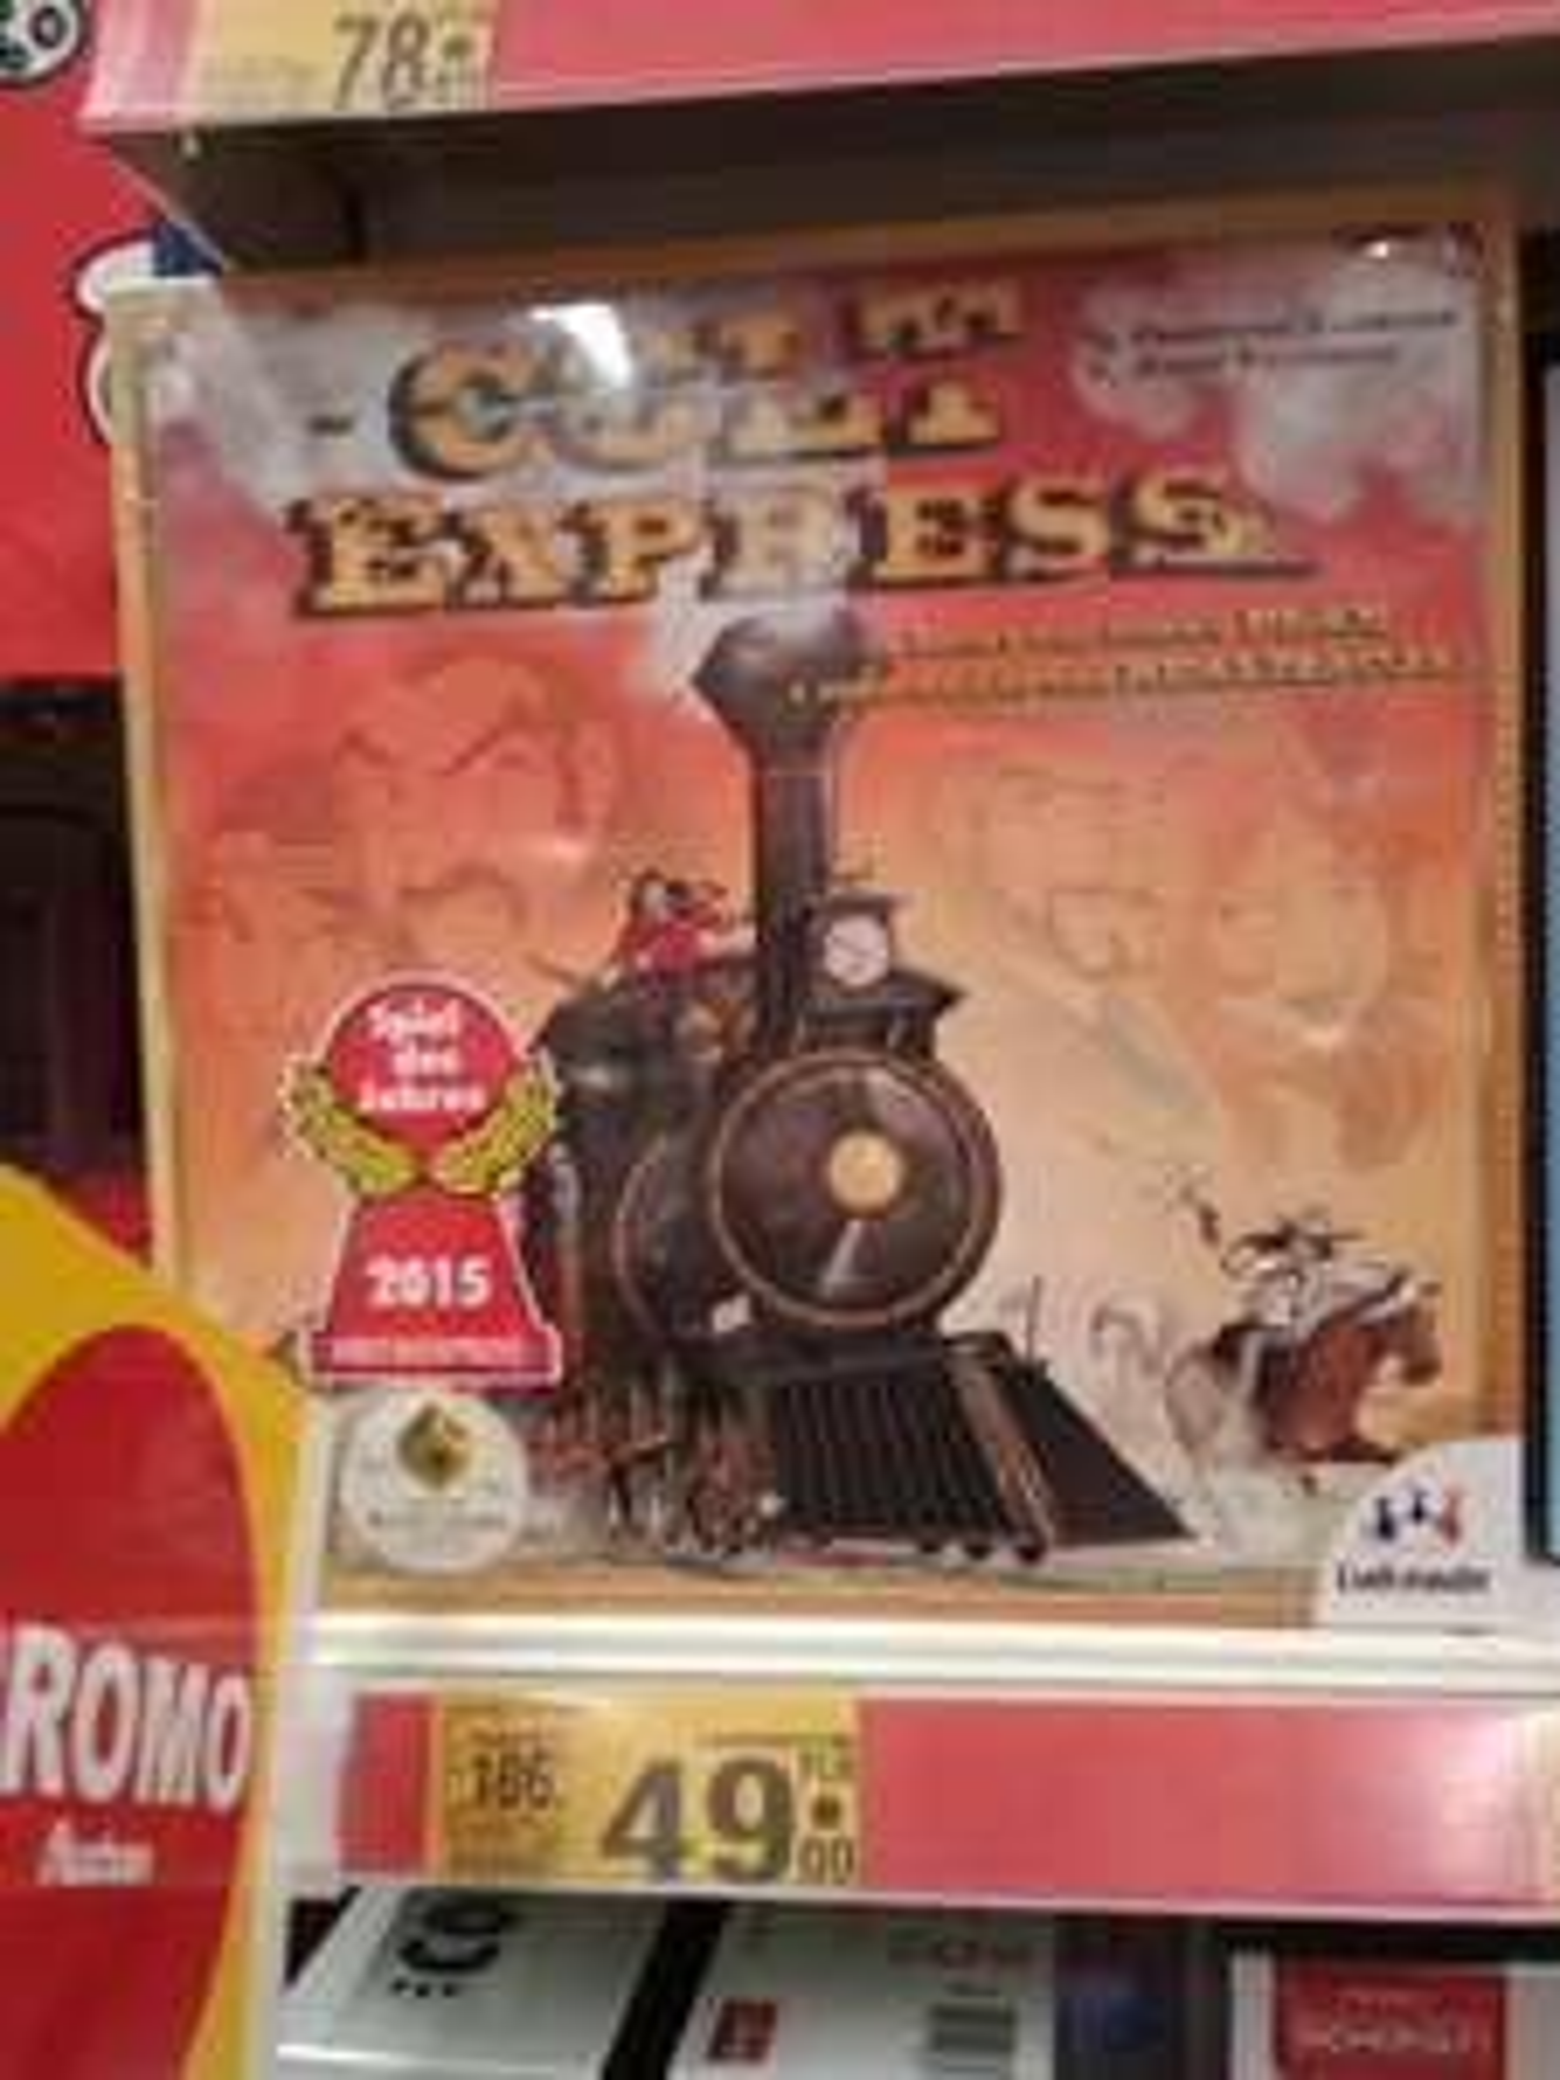 Gra planszowa Colt Express, Auchan Piotrków Trybunalski (pewnie lokalna)